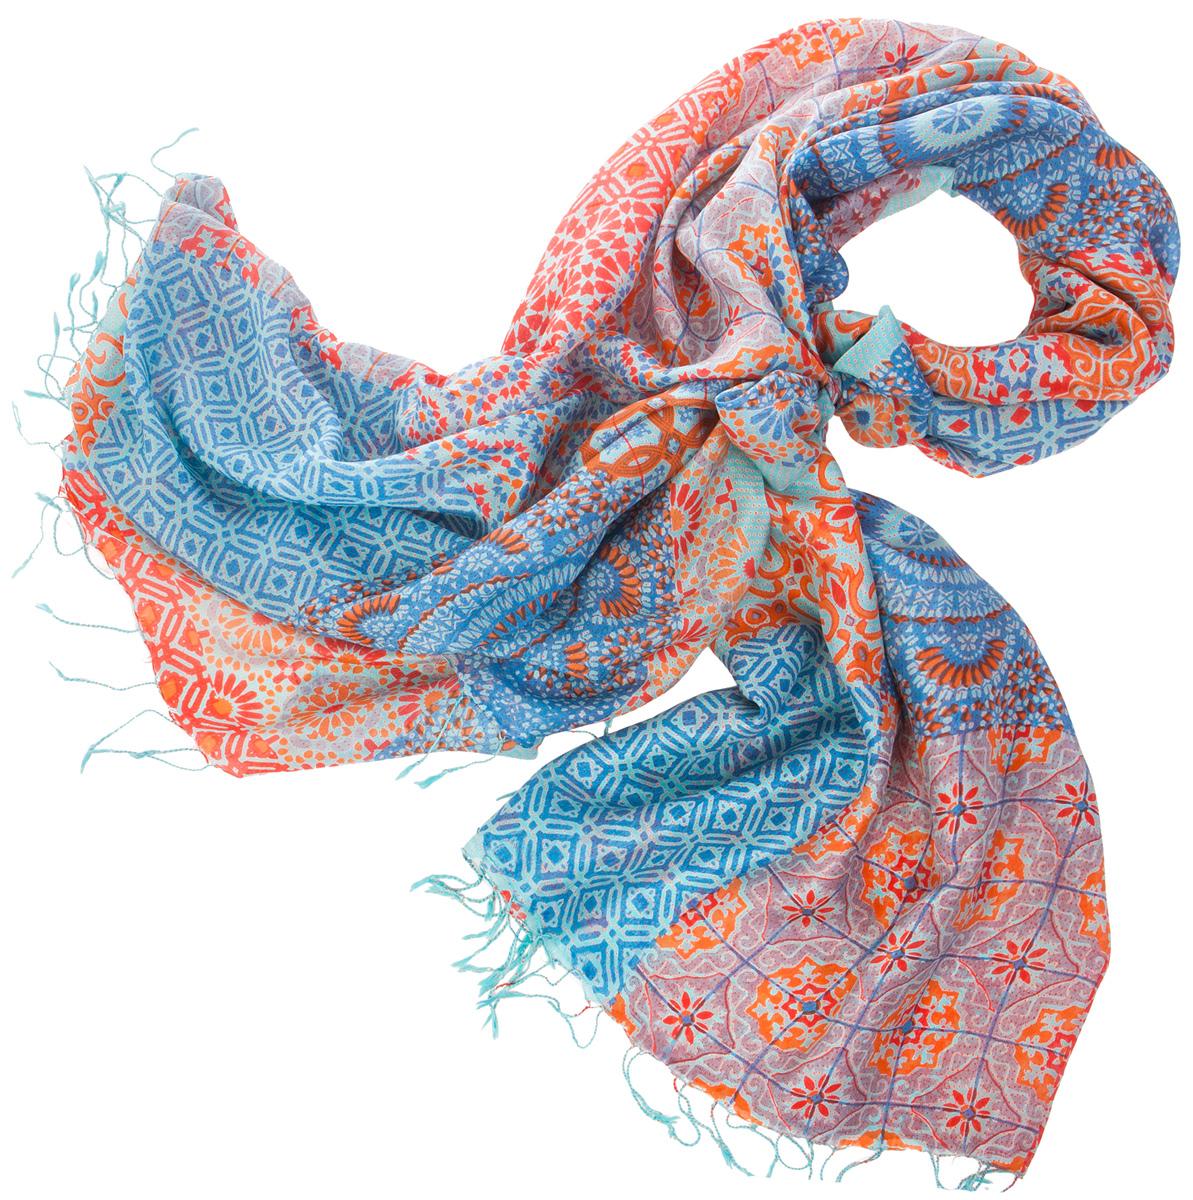 ПалантинS30-EURO.TILE/TUREQUEНарочито рыхлое плетение Plain тончайшей шелковой нитью Mulberry, нежная полупрозрачная ткань Chiffon. Вес изделия 60г (30 г/м2).